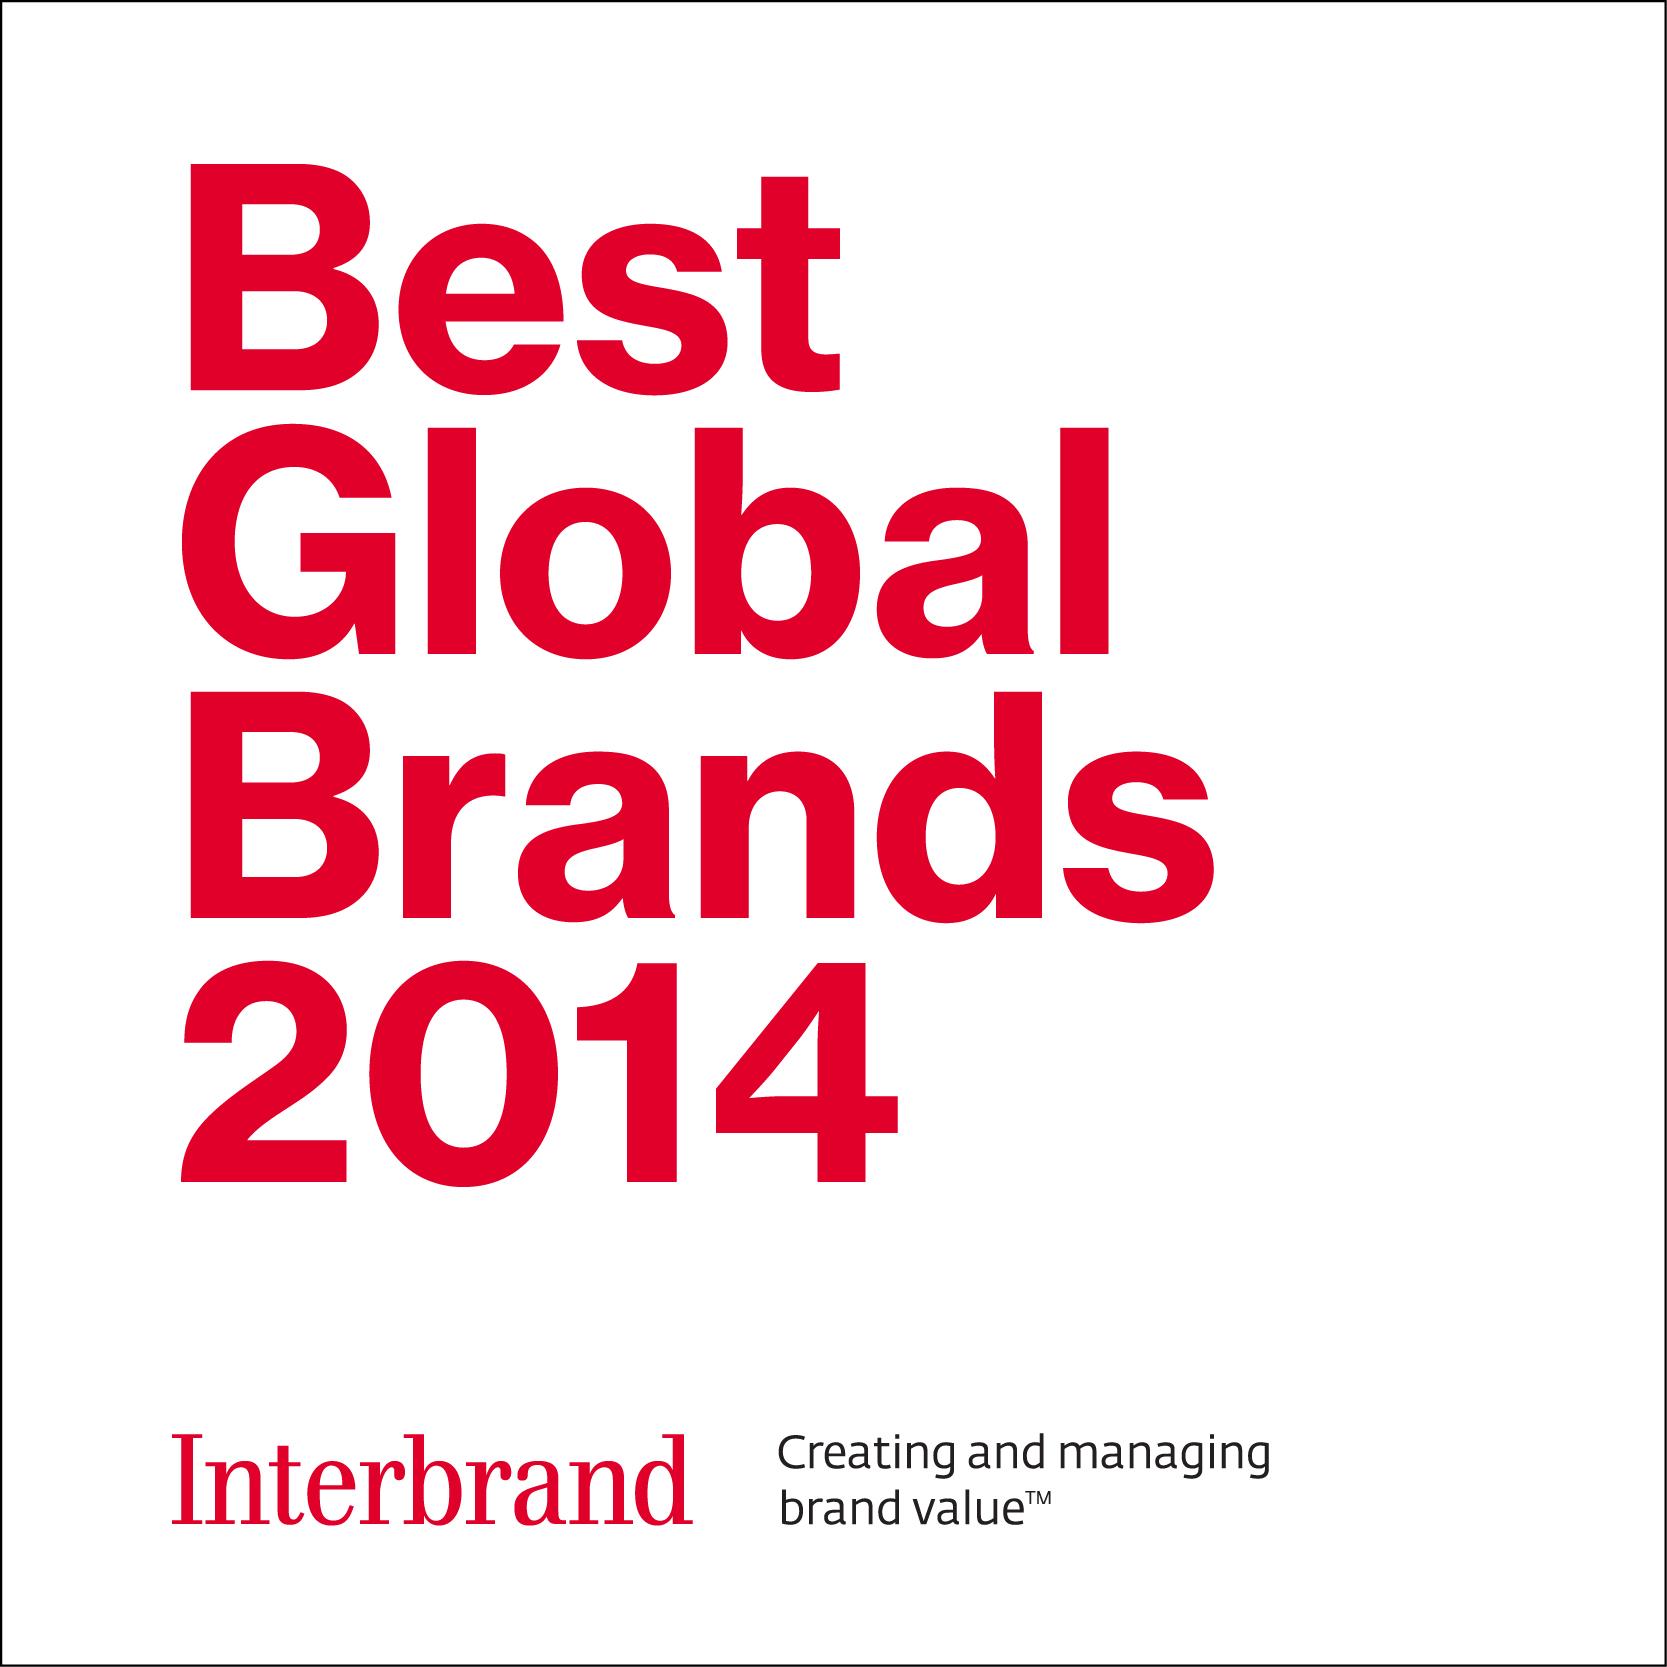 パナソニック、「Best Global Brands 2014」にランクイン